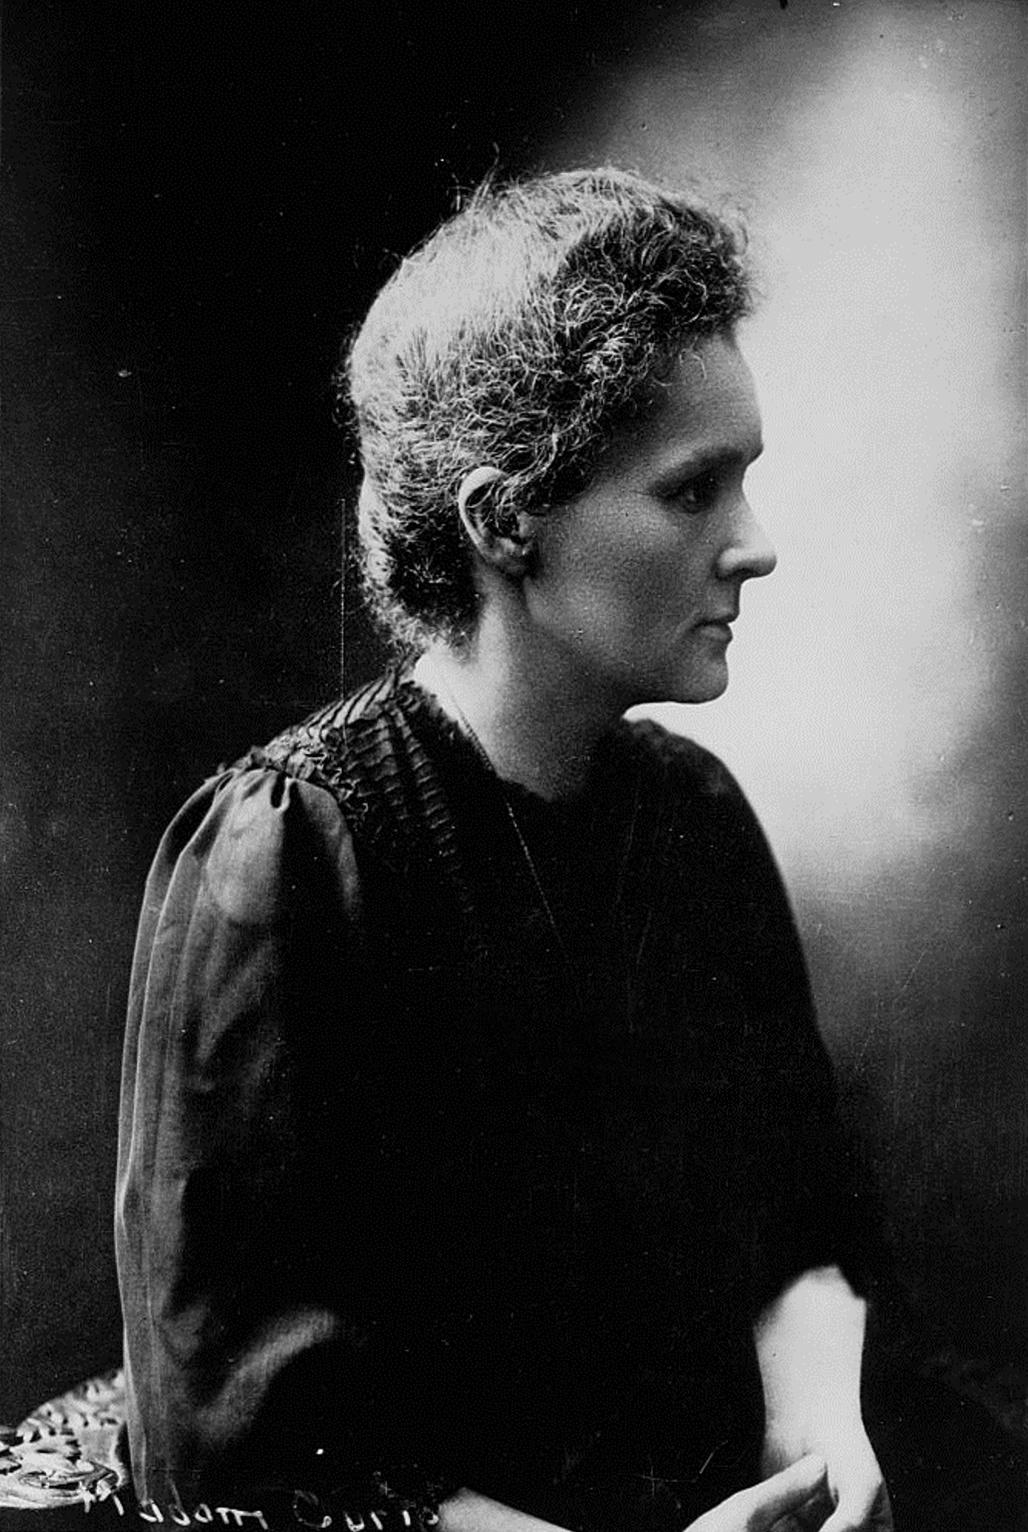 File:Marie Curie.jpg - Wikipedia